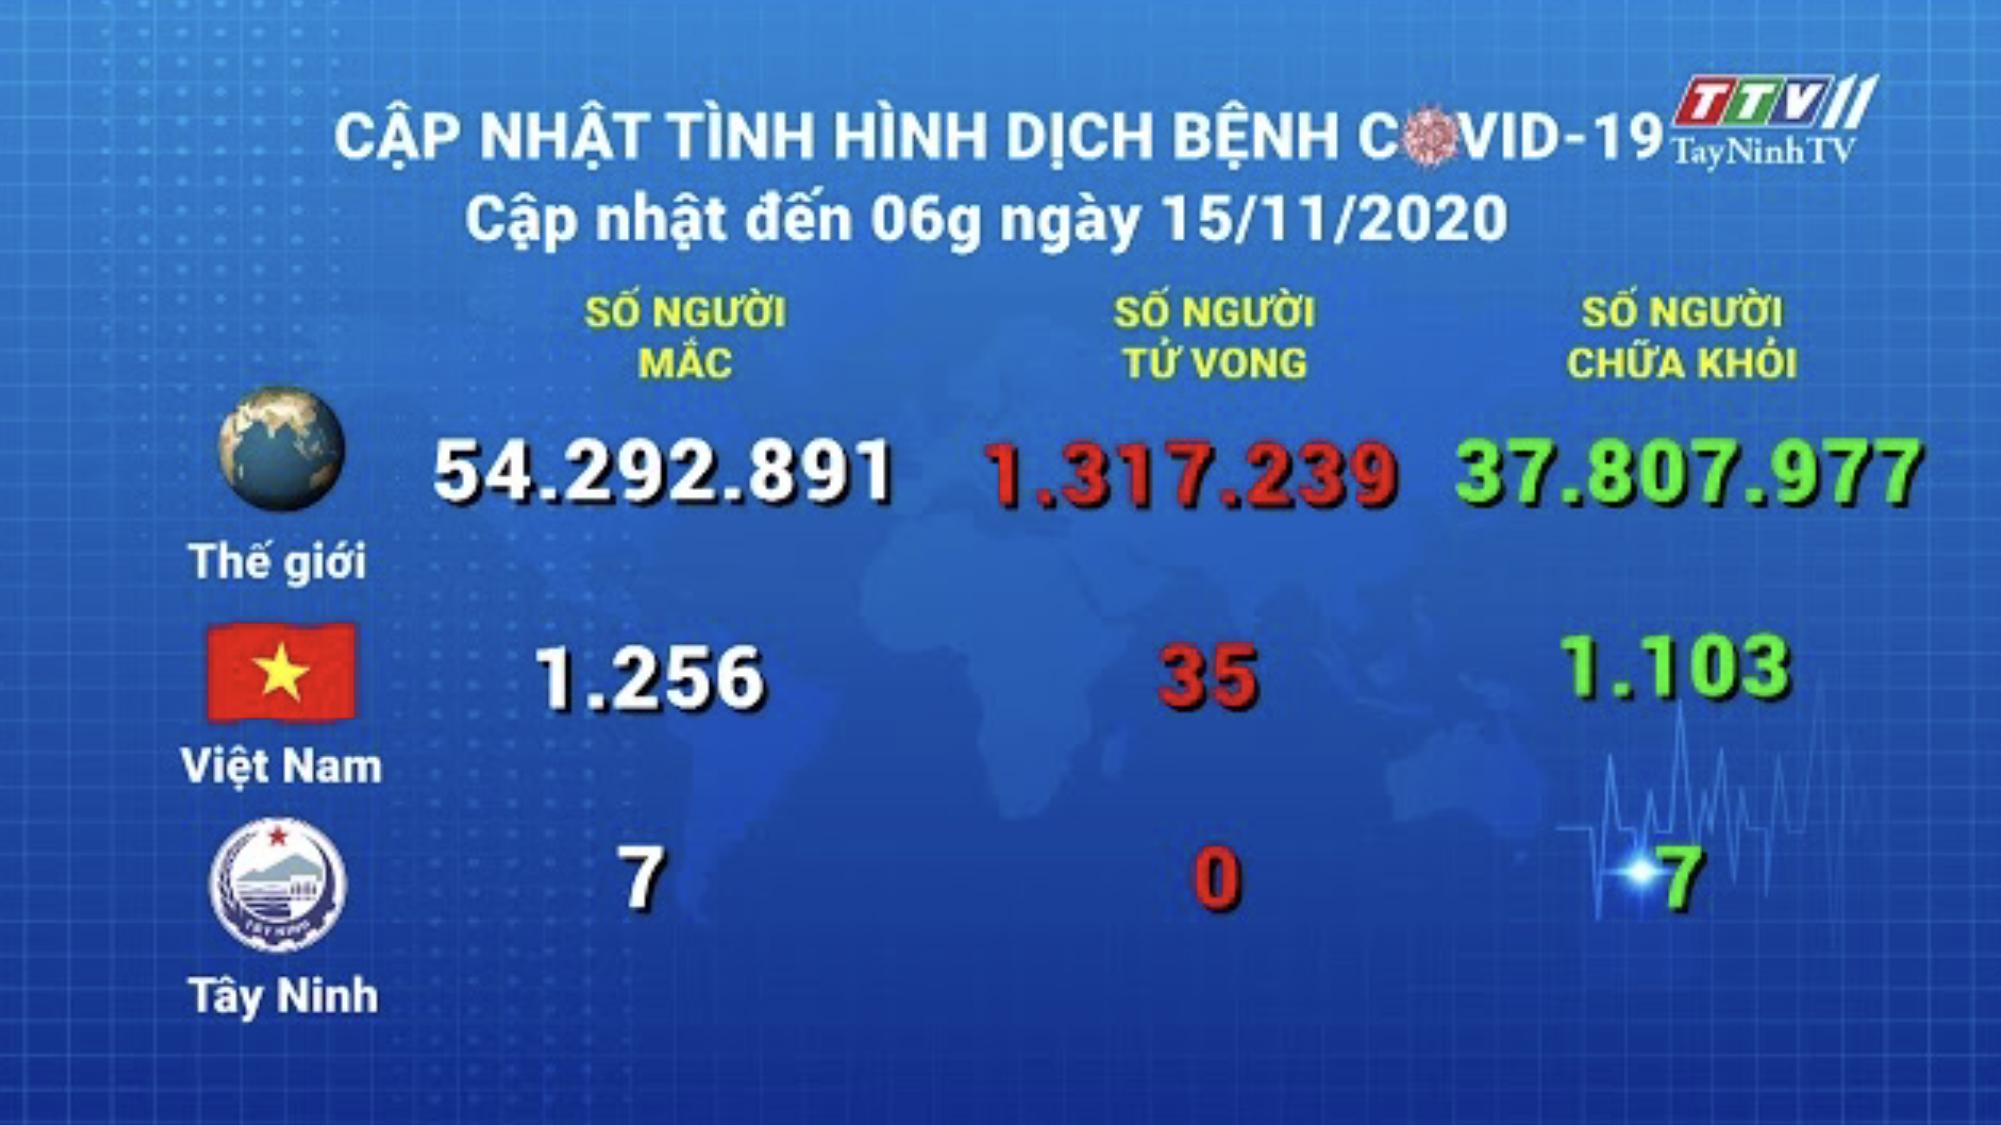 Cập nhật tình hình Covid-19 vào lúc 06 giờ 15-11-2020 | Thông tin dịch Covid-19 | TayNinhTV